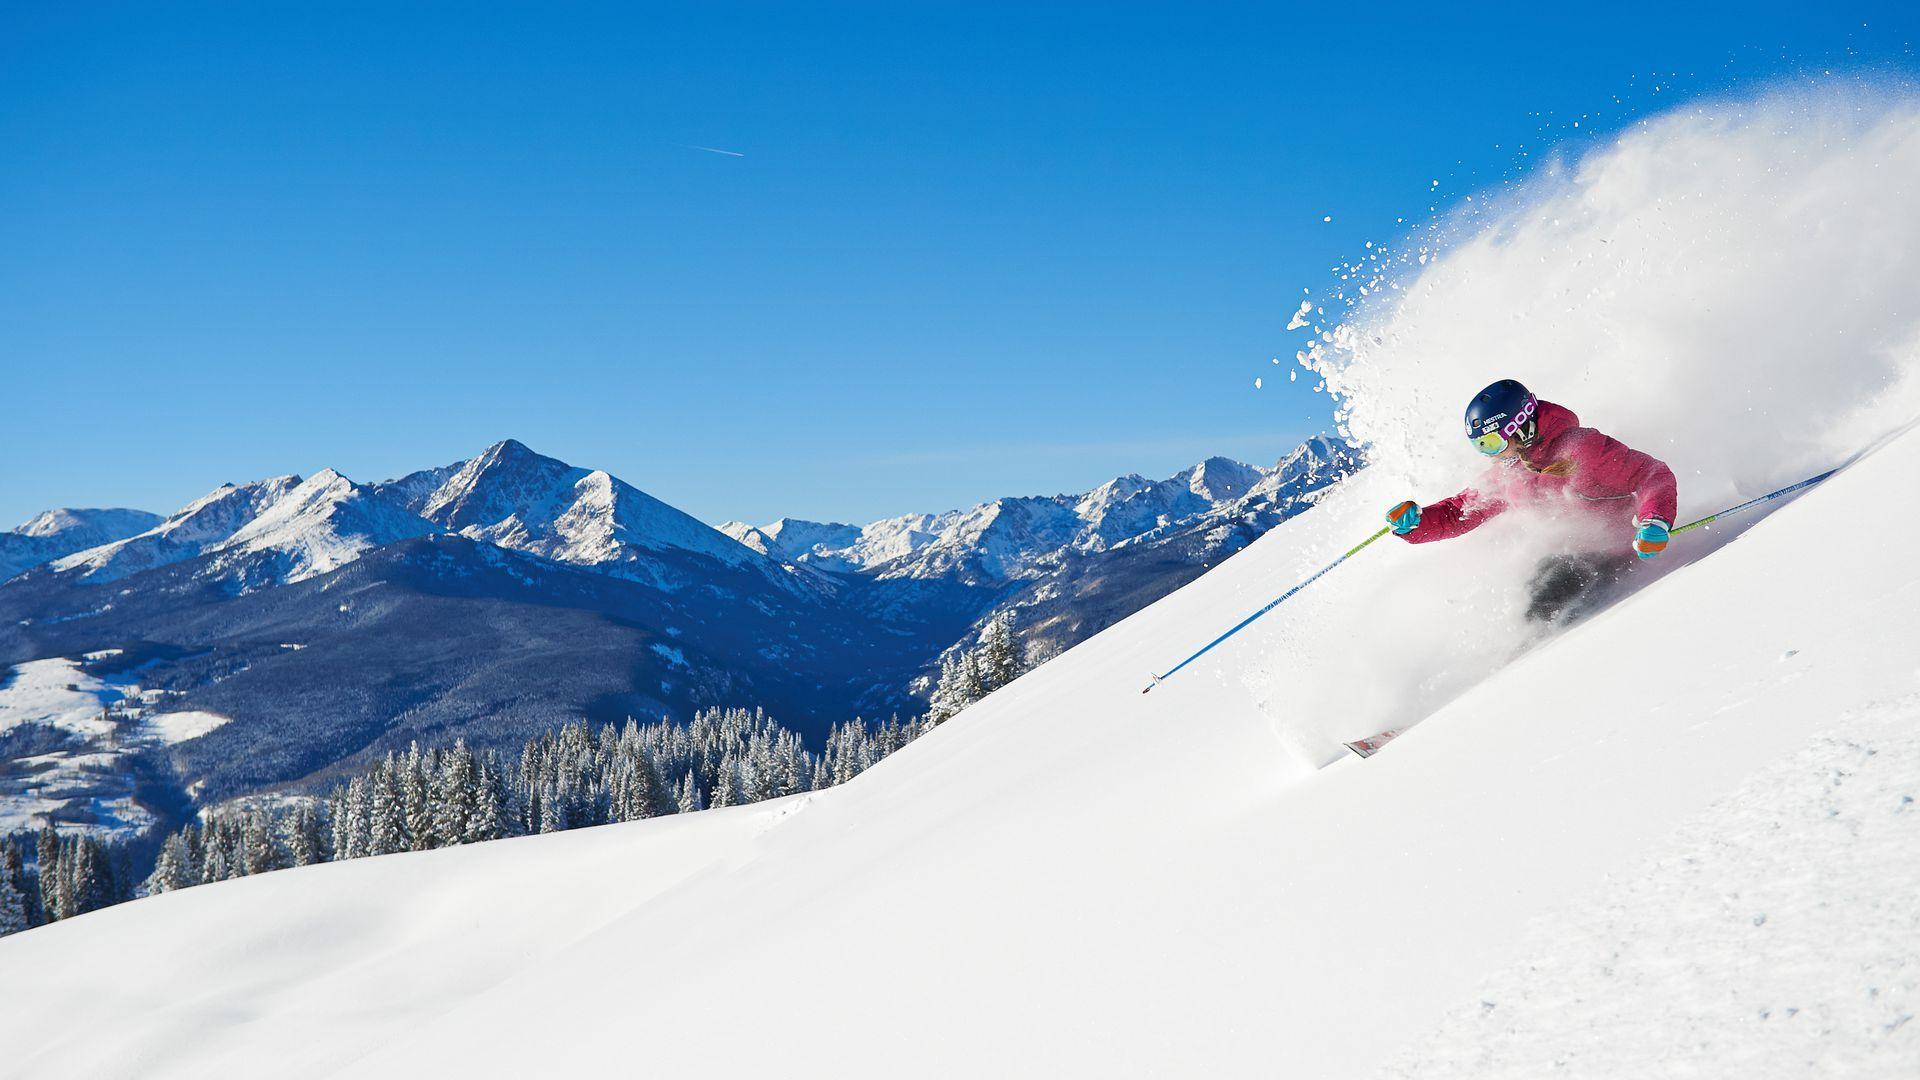 A skier at Vail Resorts